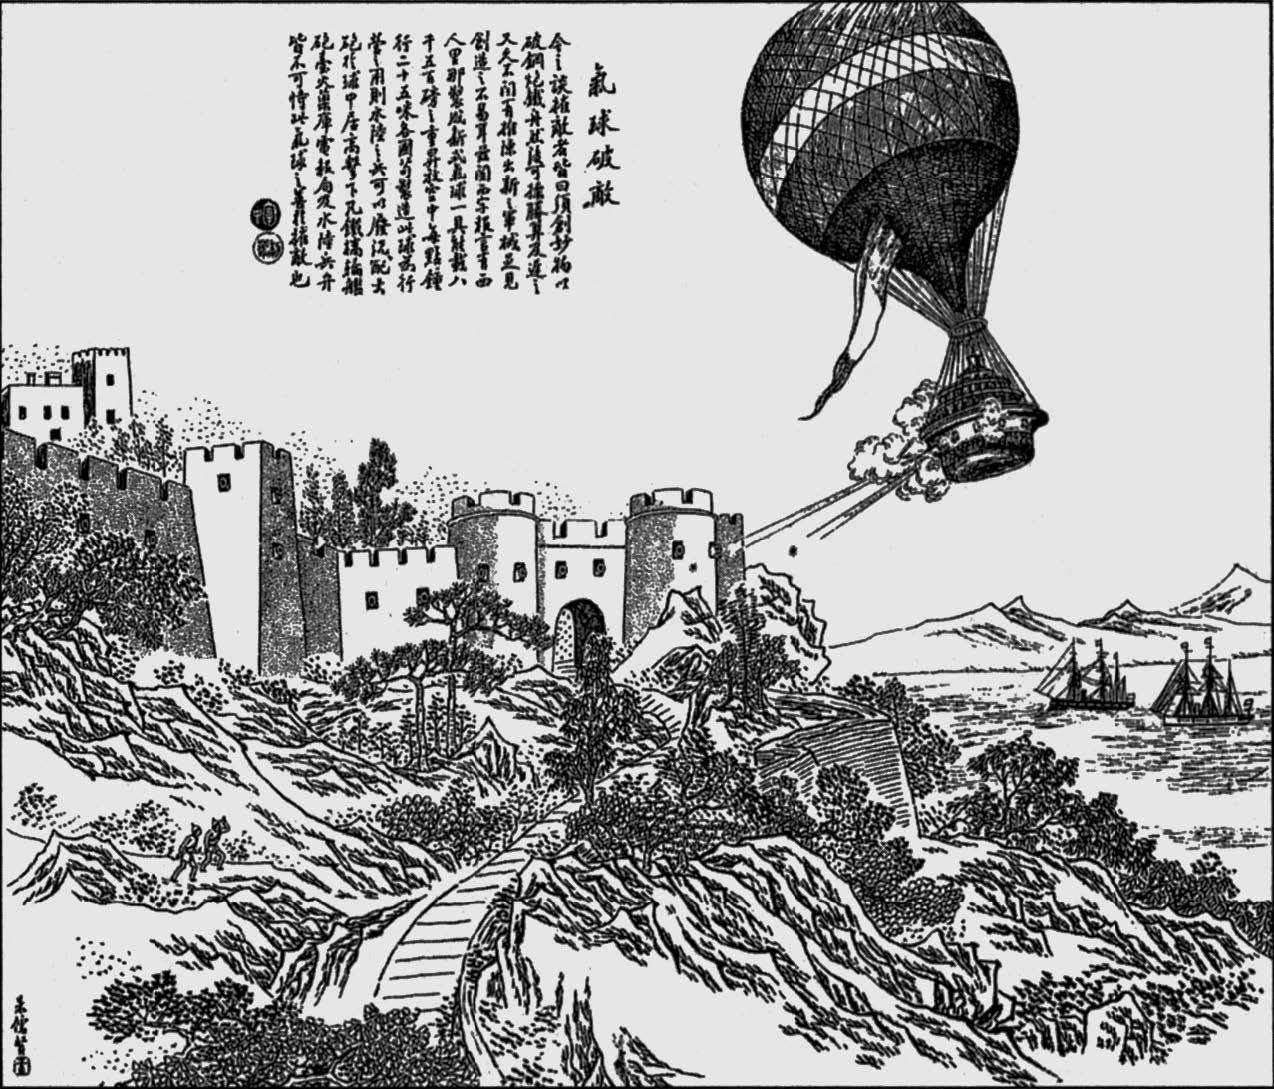 《演放飞球》:那时的画报会刊发介绍西方科学知识的内容以及一些科学幻想。